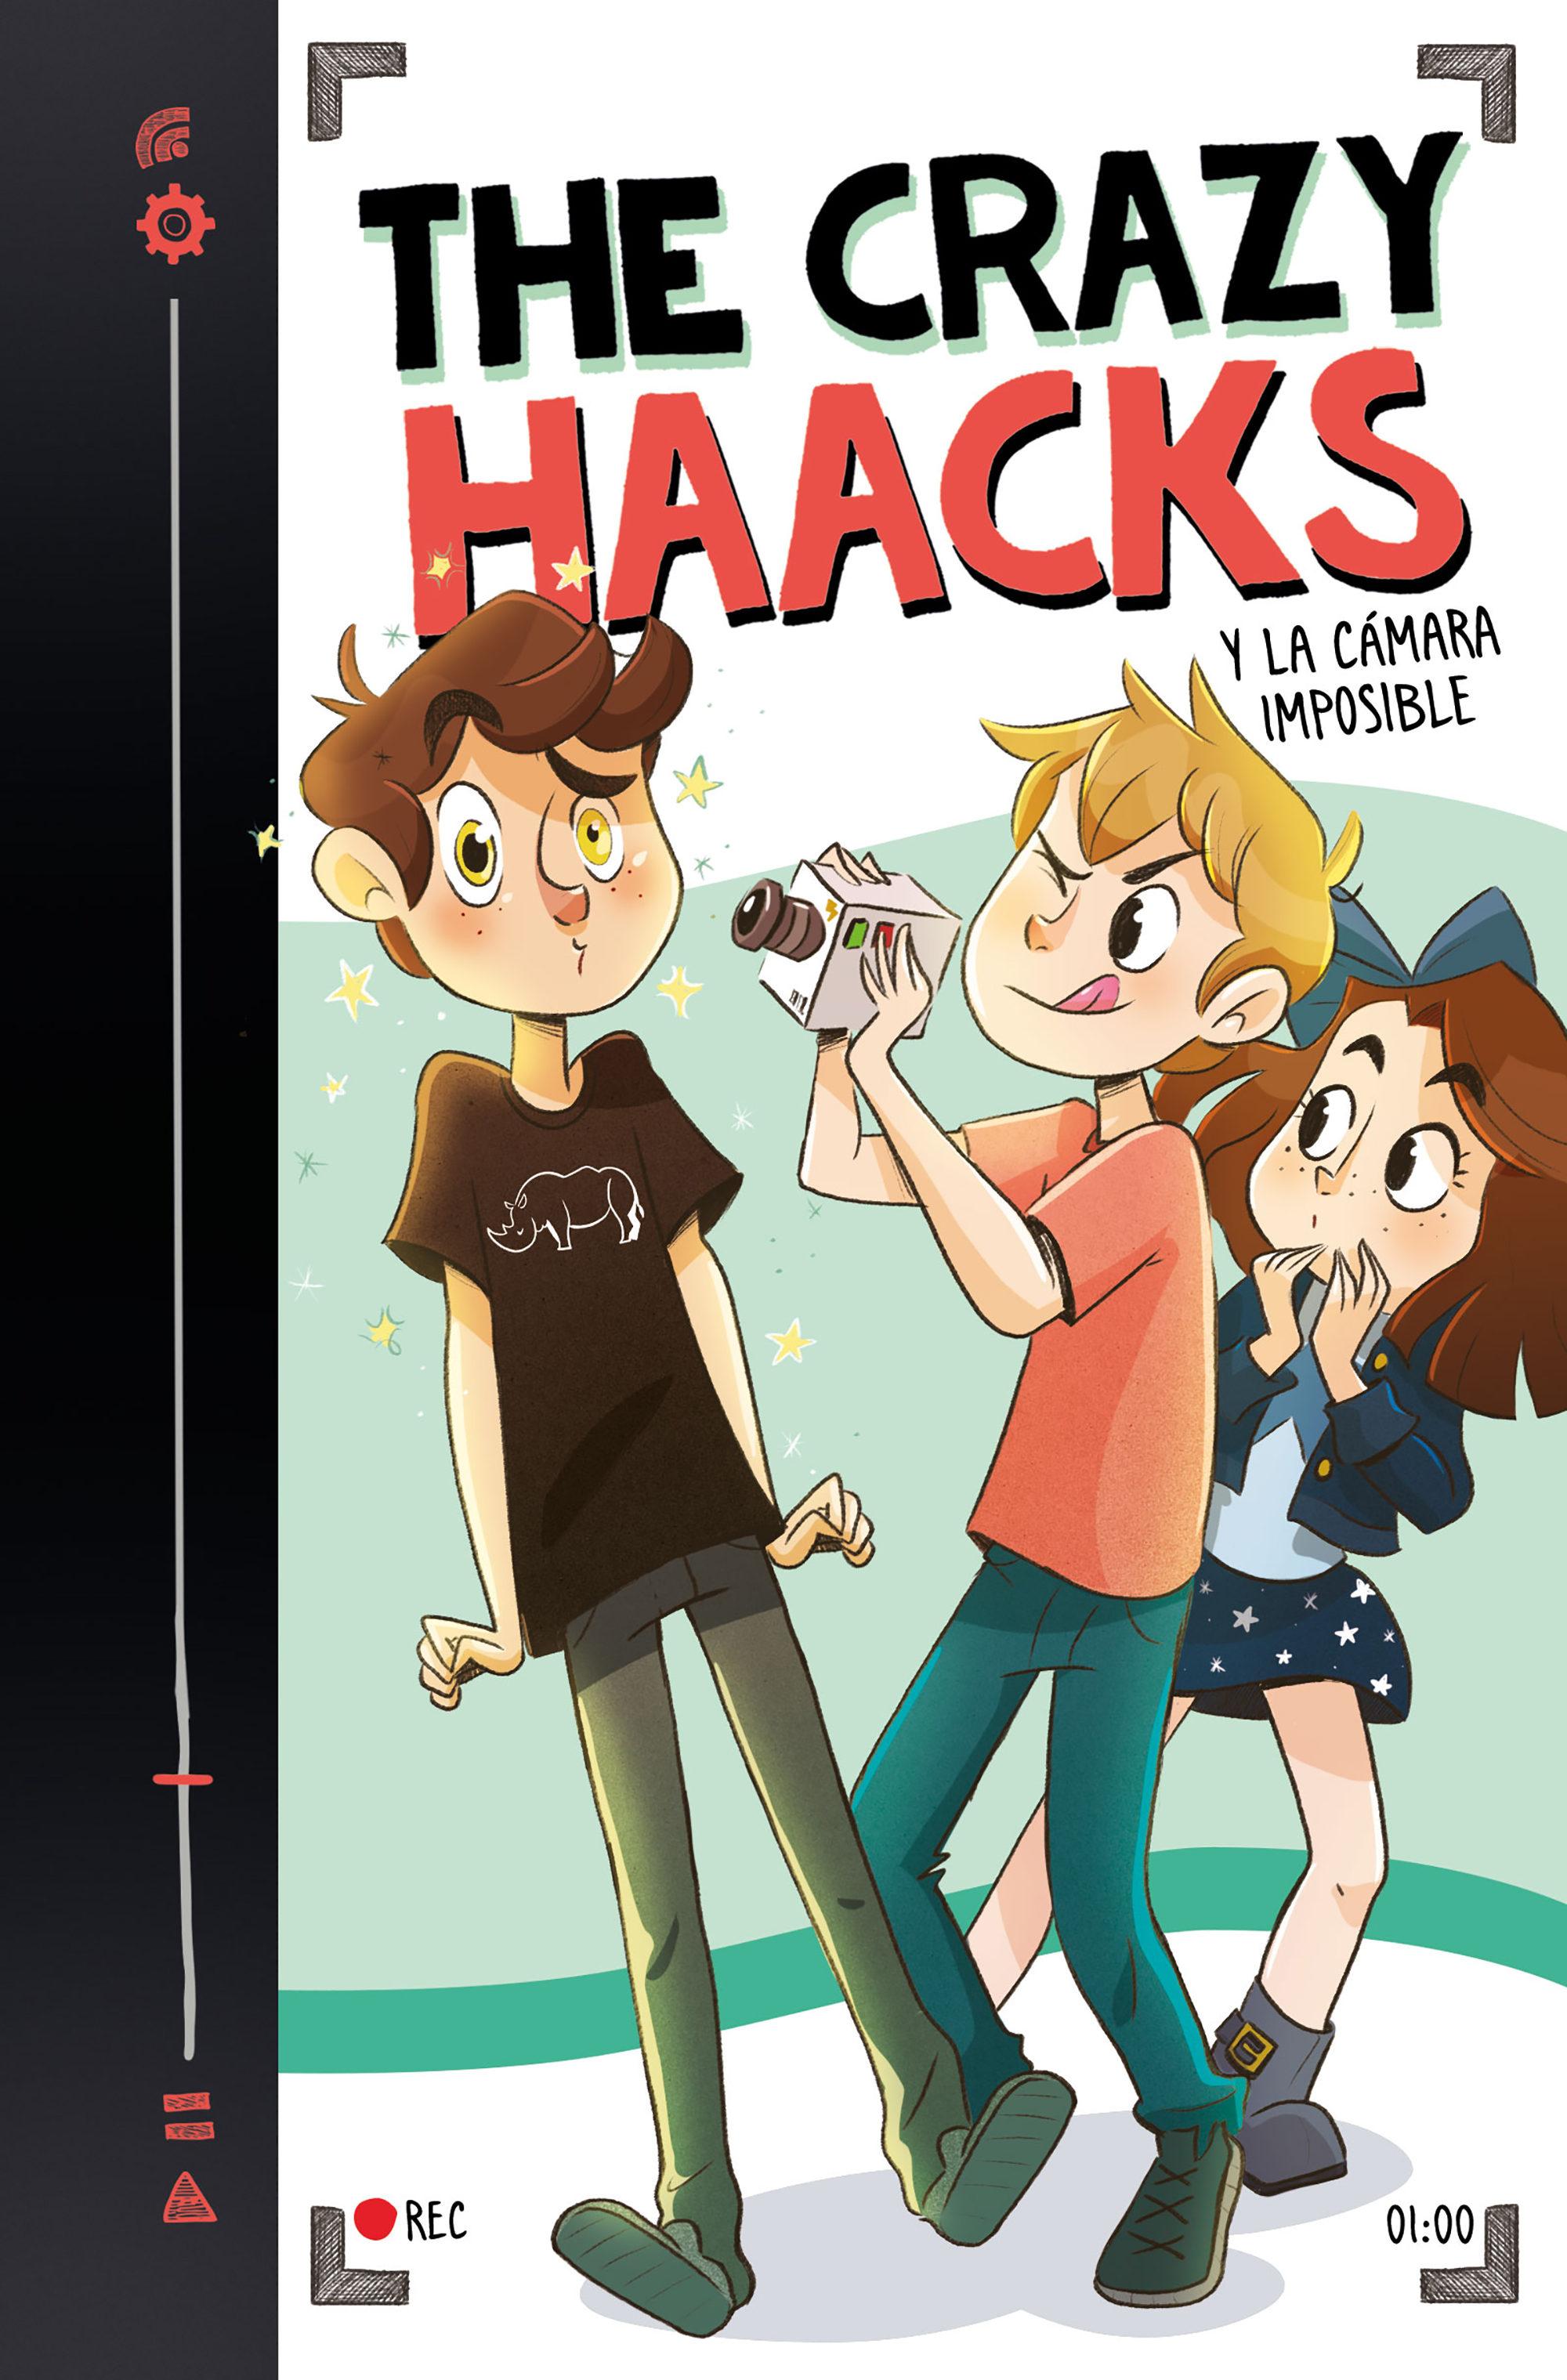 The Crazy Haacks Y La Cámara Imposible (serie The Crazy Haacks 1)   por The Crazy Haacks